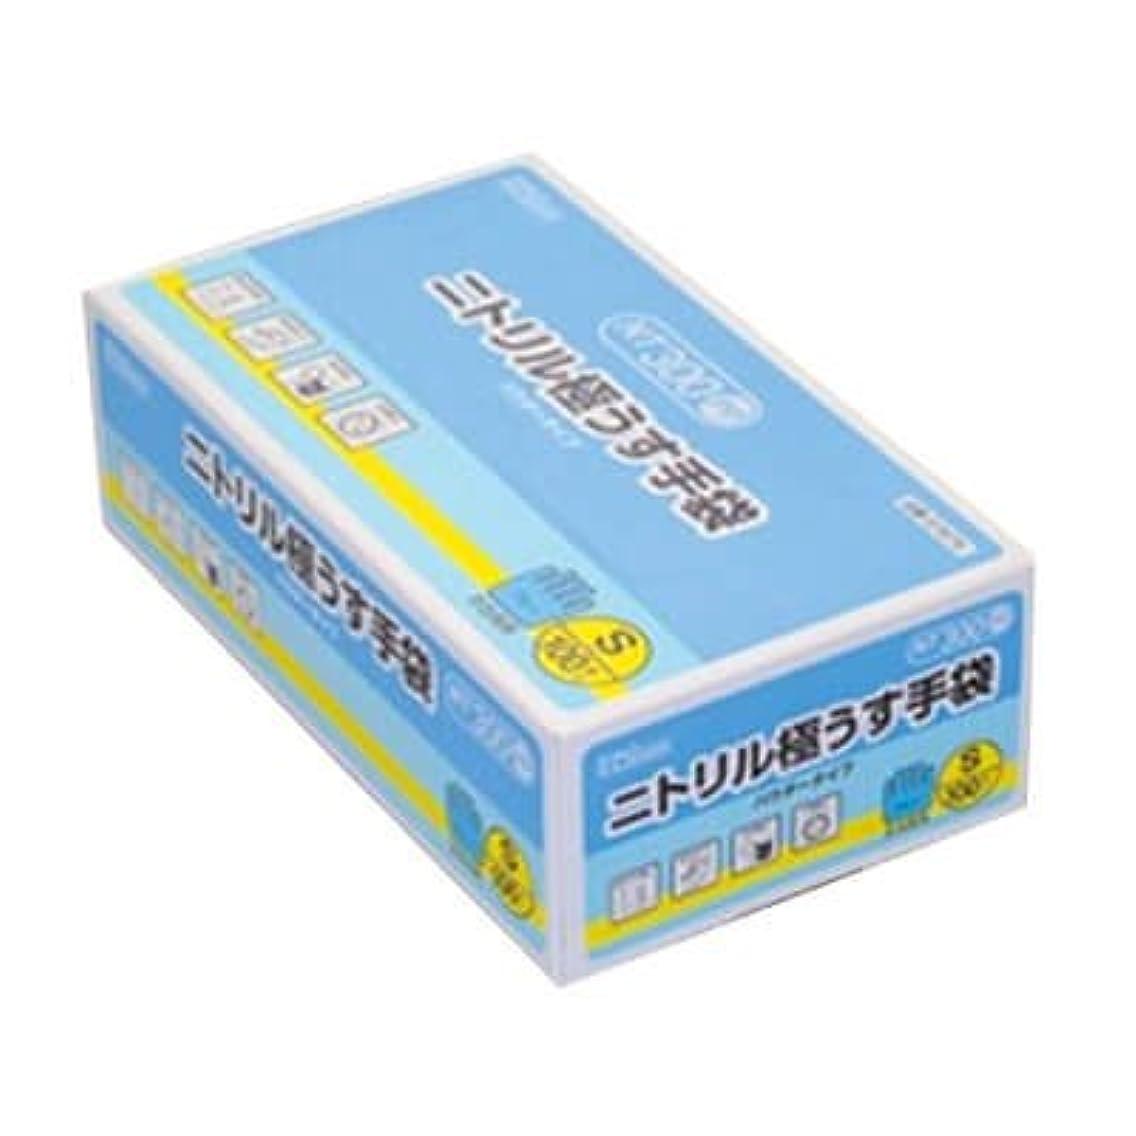 とまとめるクール【ケース販売】 ダンロップ ニトリル極うす手袋 粉付 S ブルー NT-300 (100枚入×20箱)